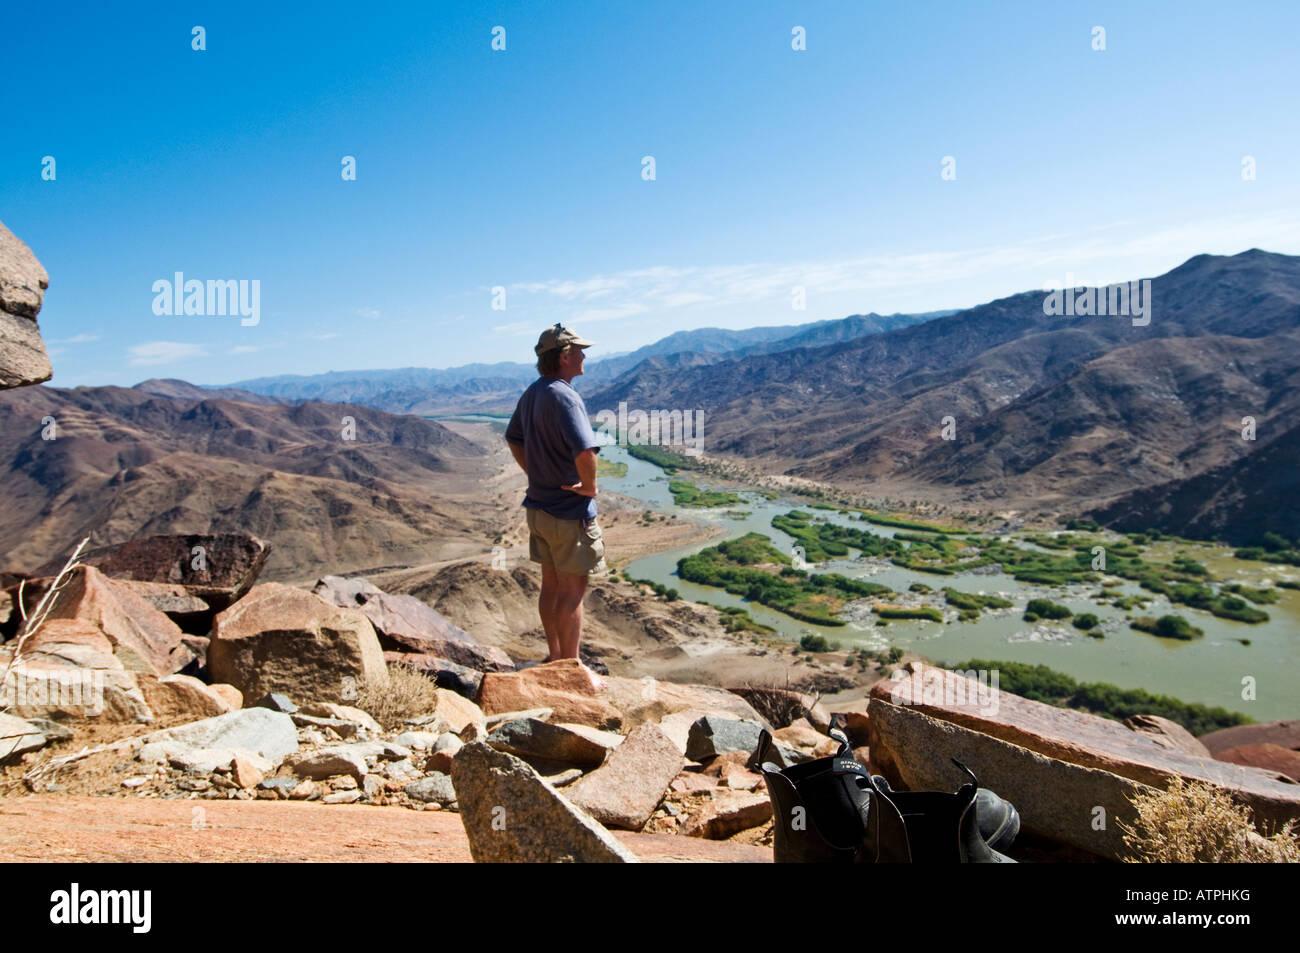 Ai Ais Richtersveld Transfrontier National Park at De Hoop Rest Camp with Orange River and tourist - Stock Image